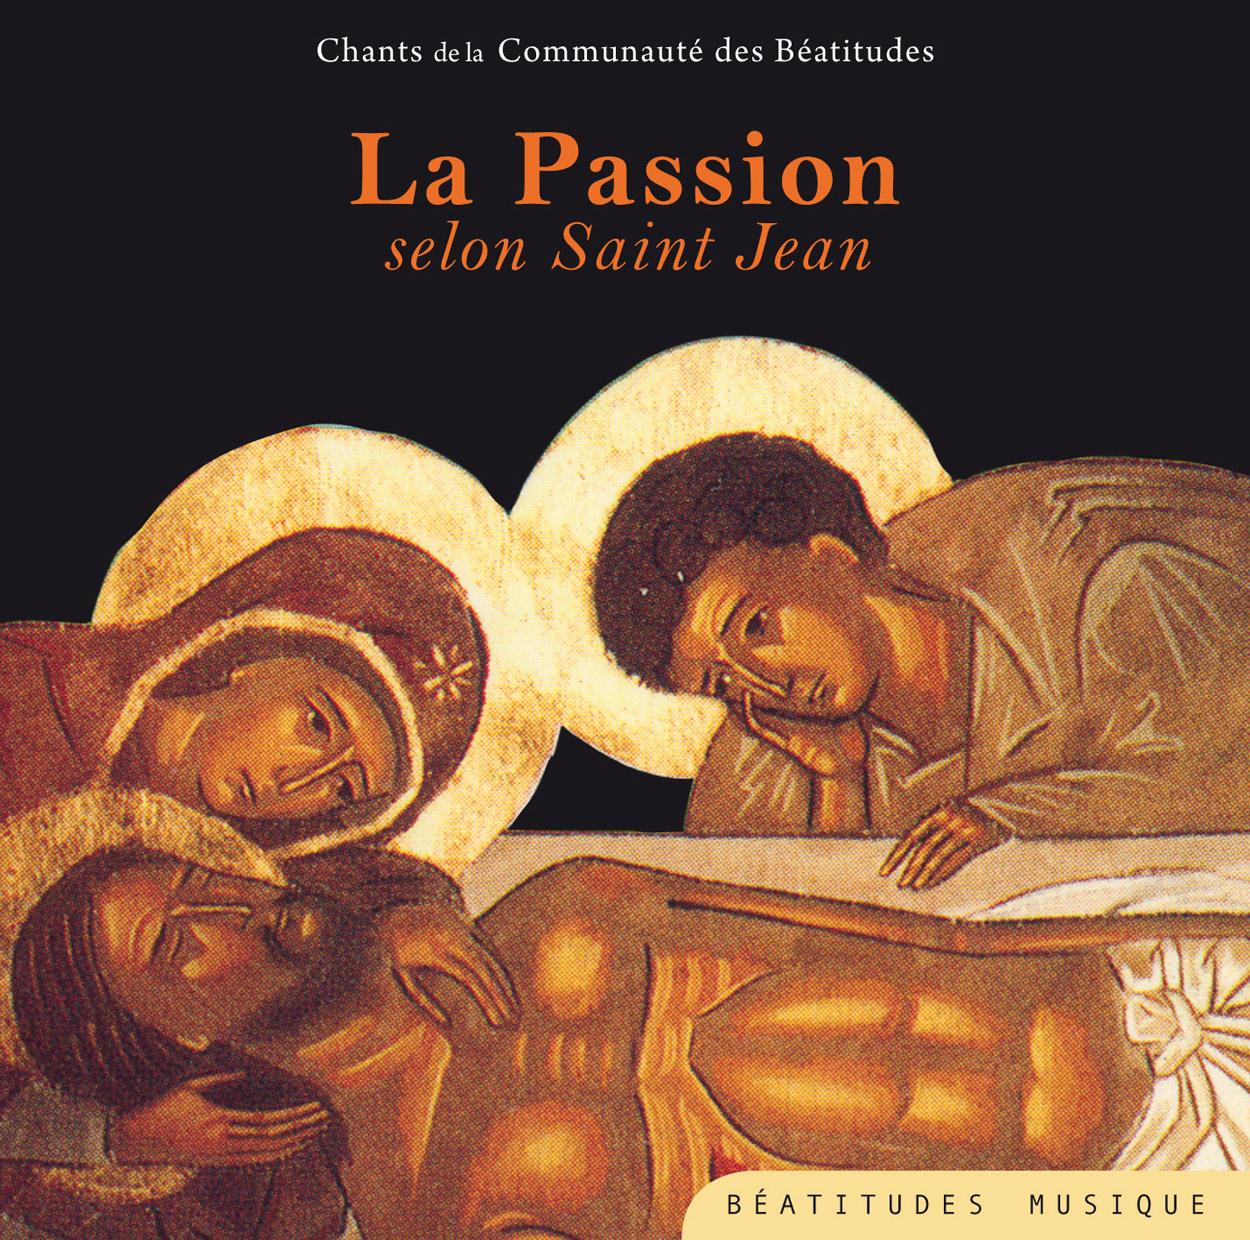 La passion selon Saint Jean ; chants de la communauté des béatitudes